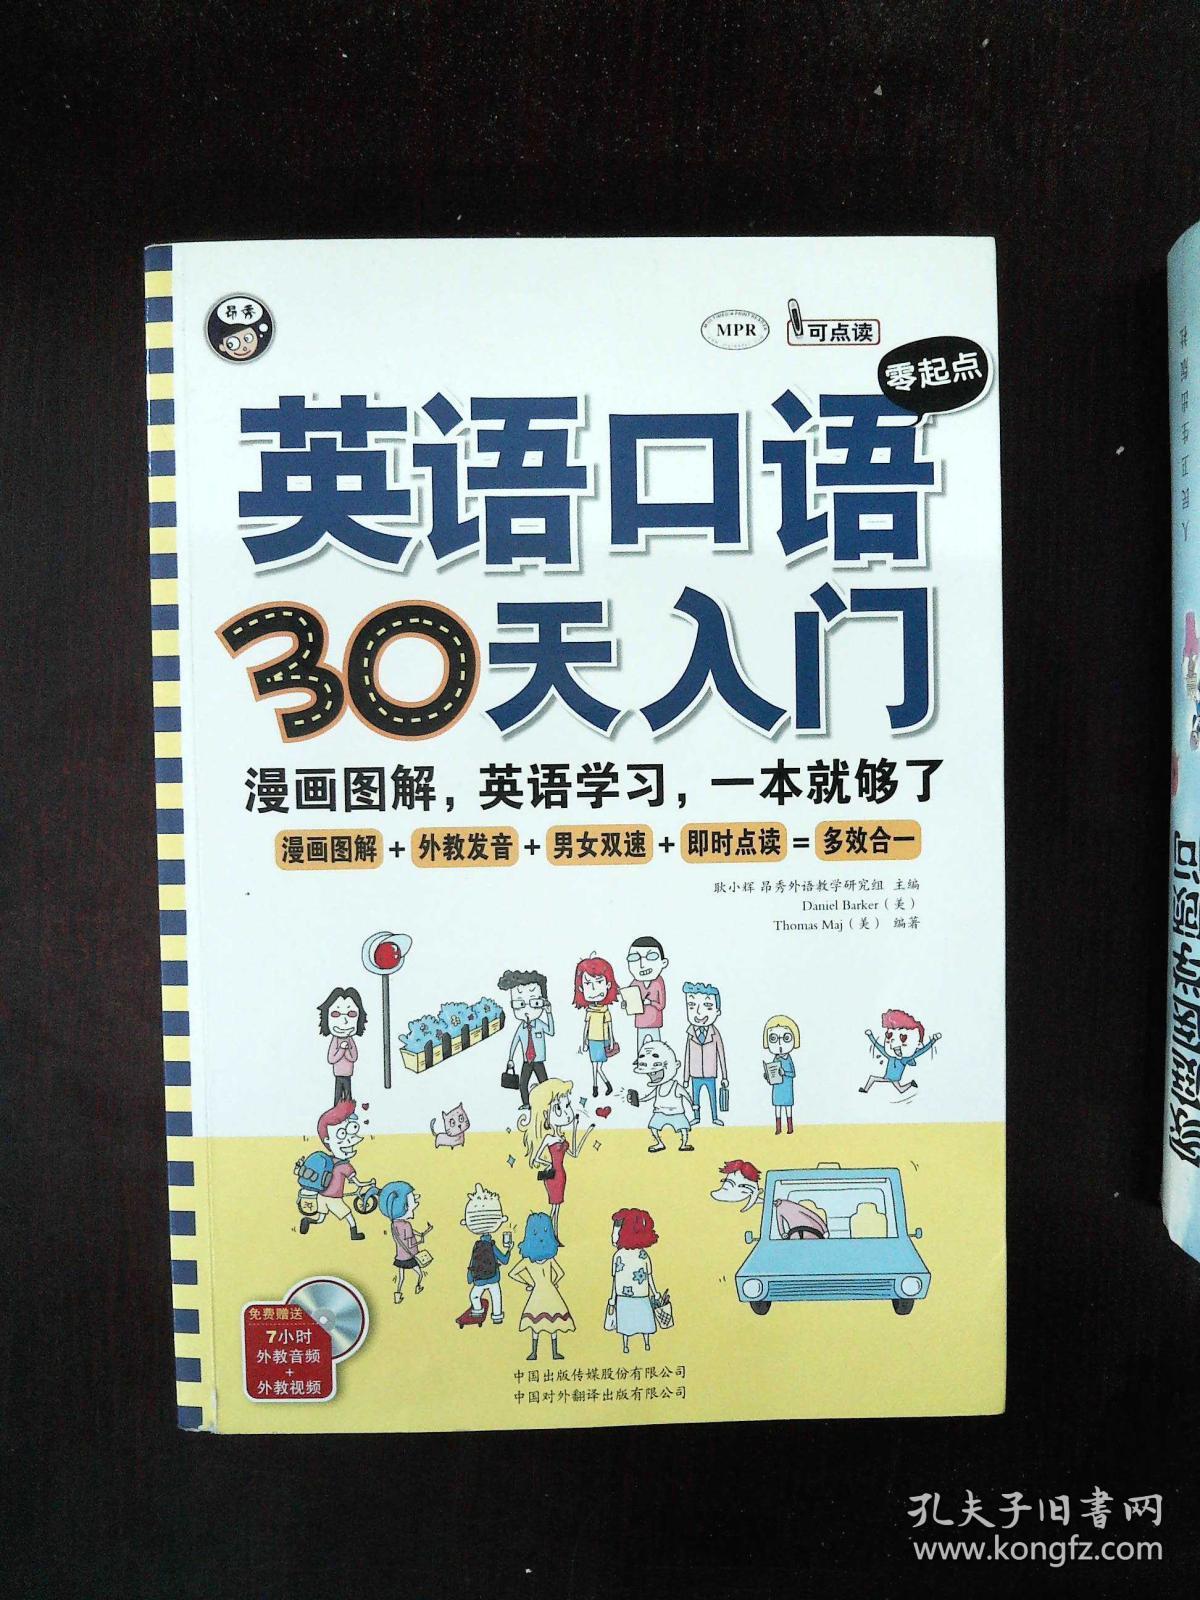 英语口语零漫画30天图解:漫画入门、英语学习起点后回忆80图片